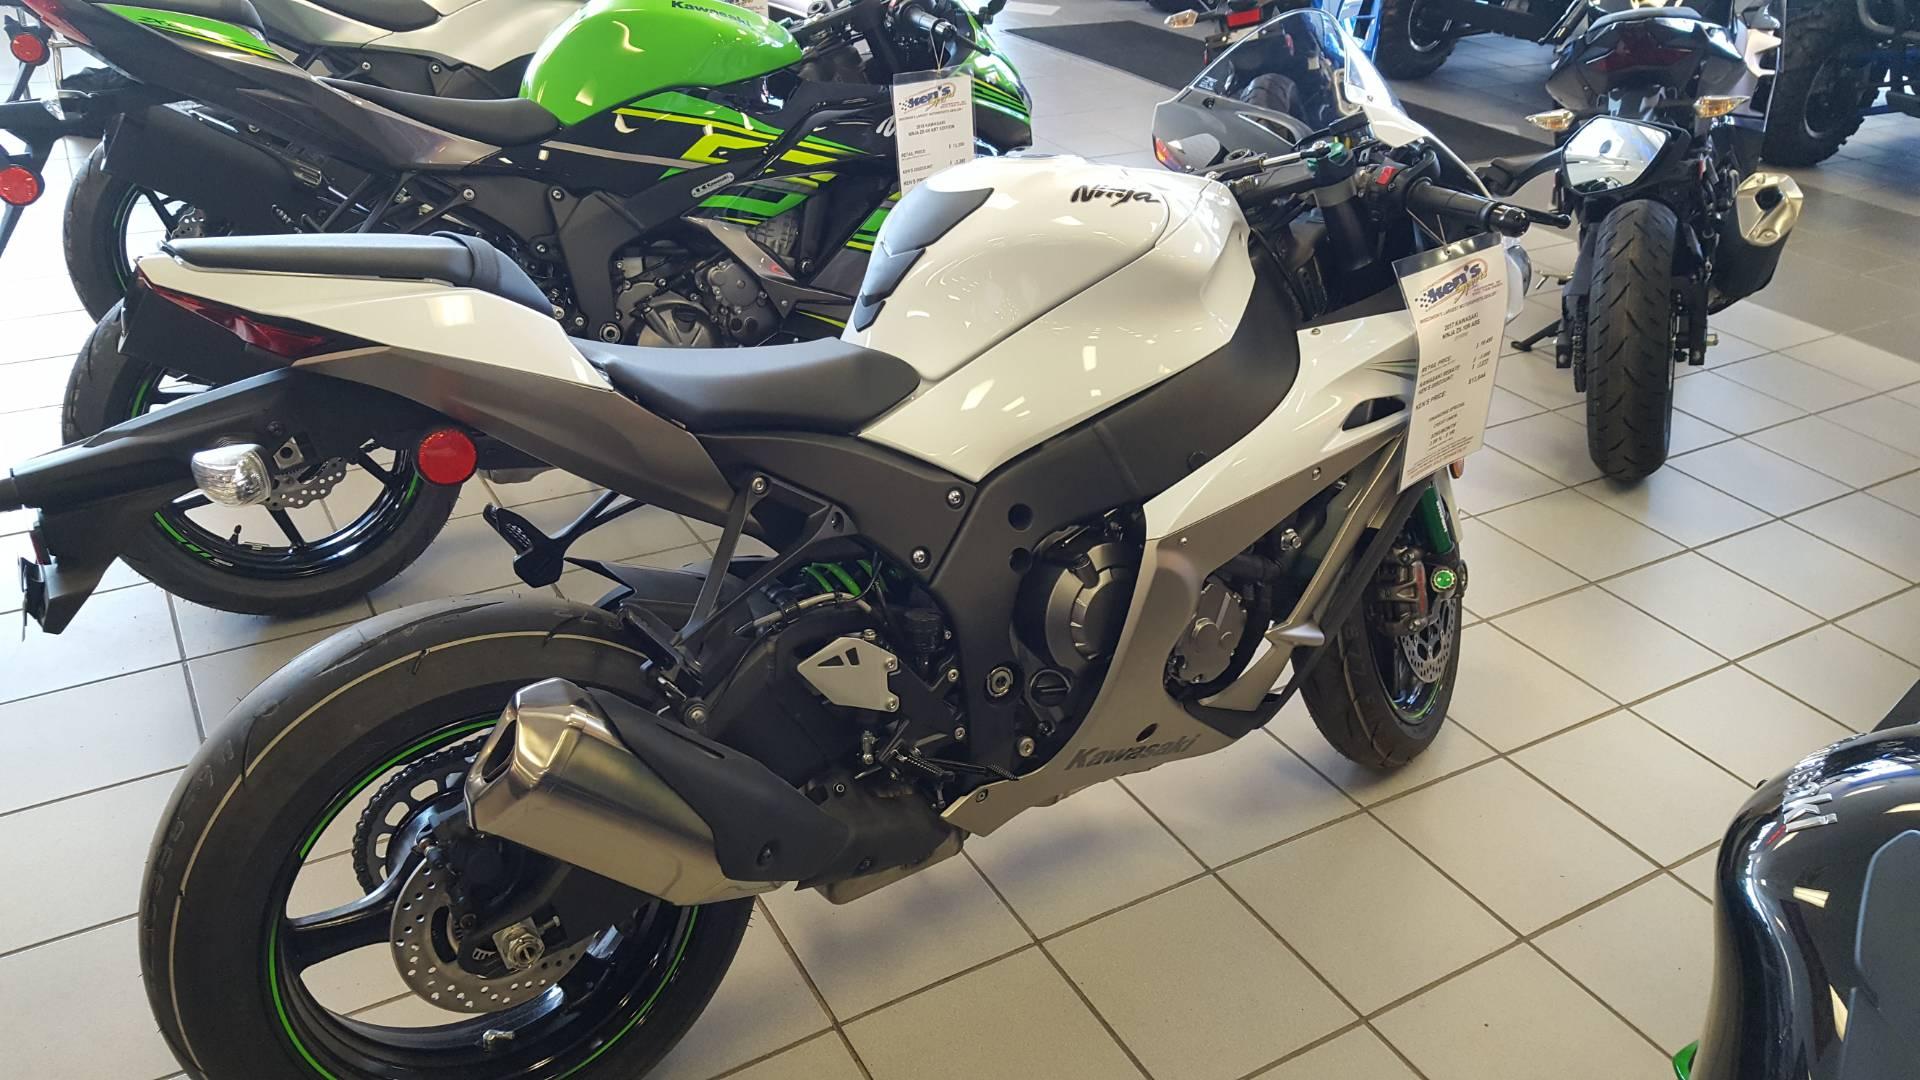 New 2017 Kawasaki Ninja Zx 10r Abs Motorcycles In Kaukauna Wi